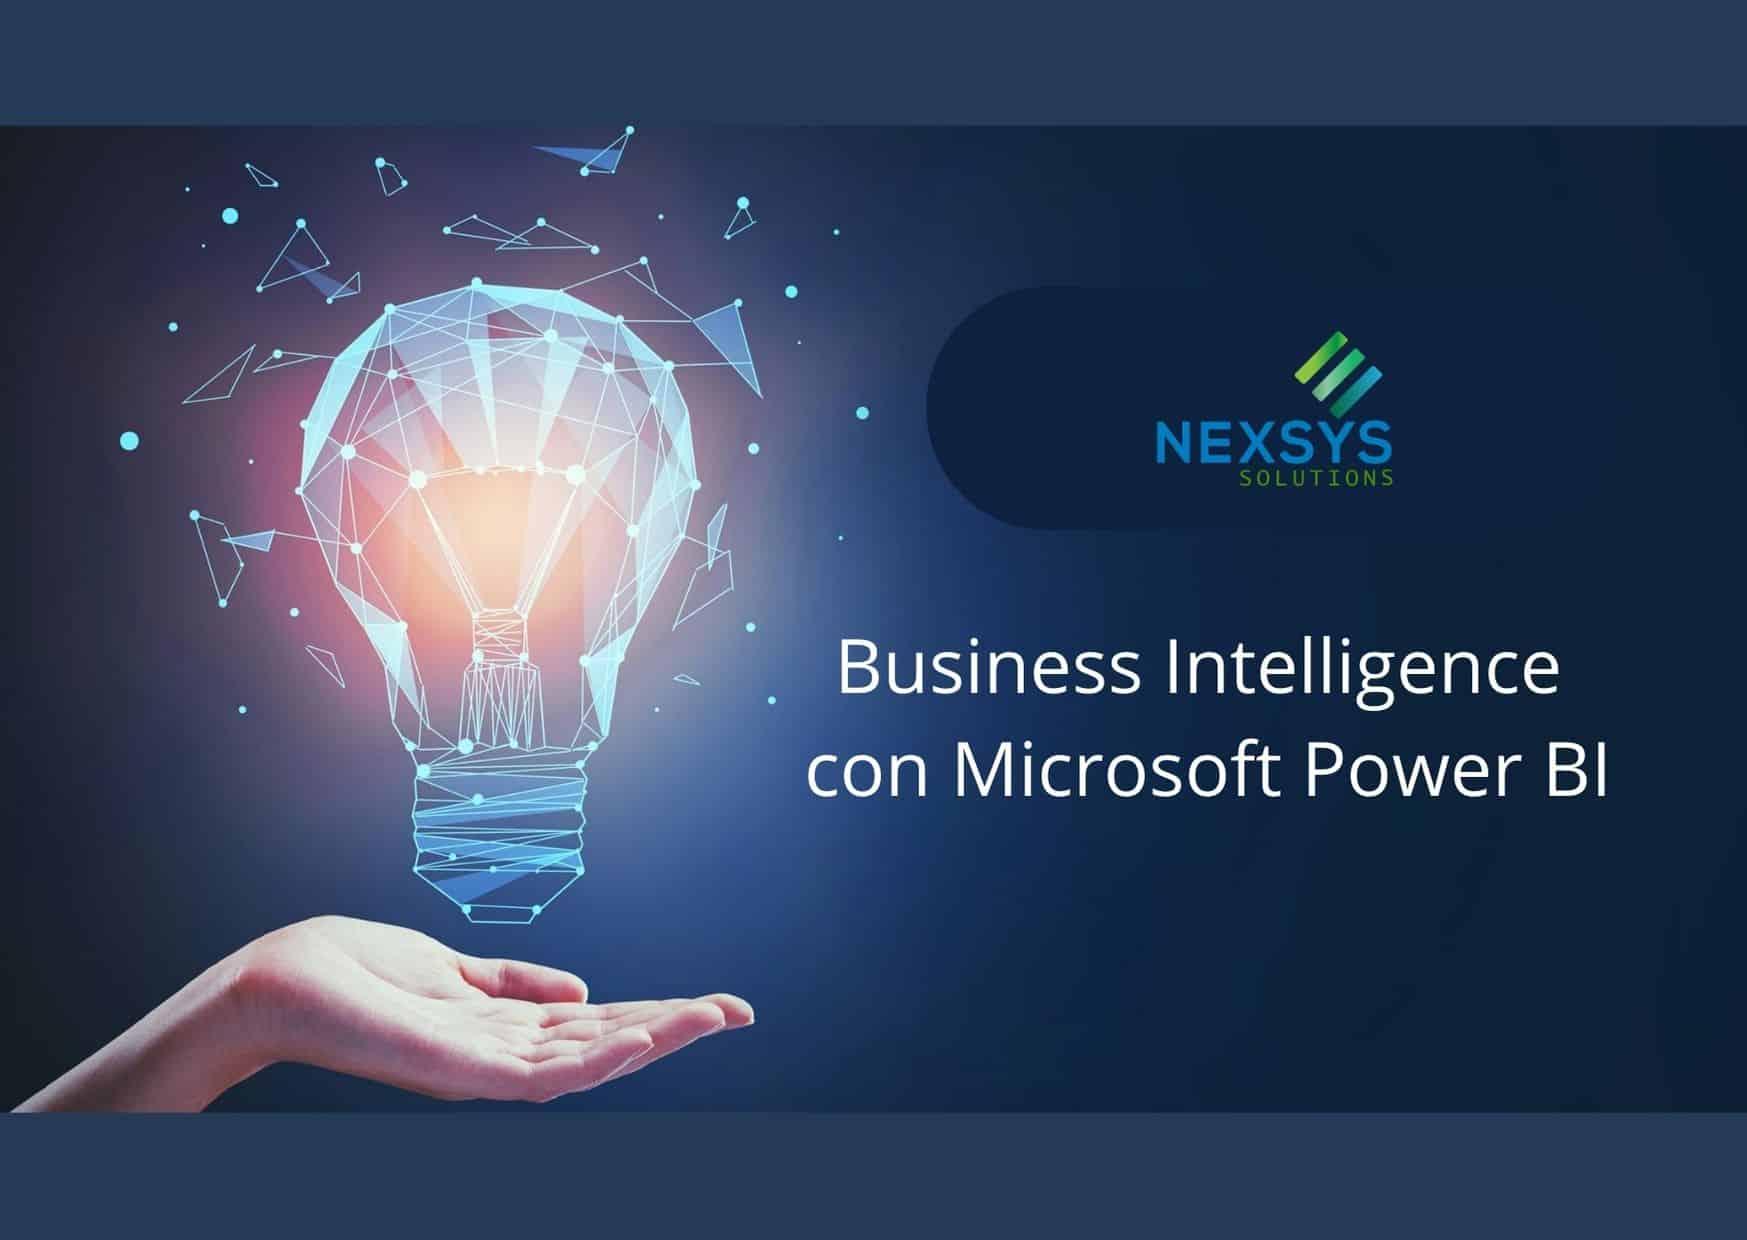 Business Intelligence - Nexsys